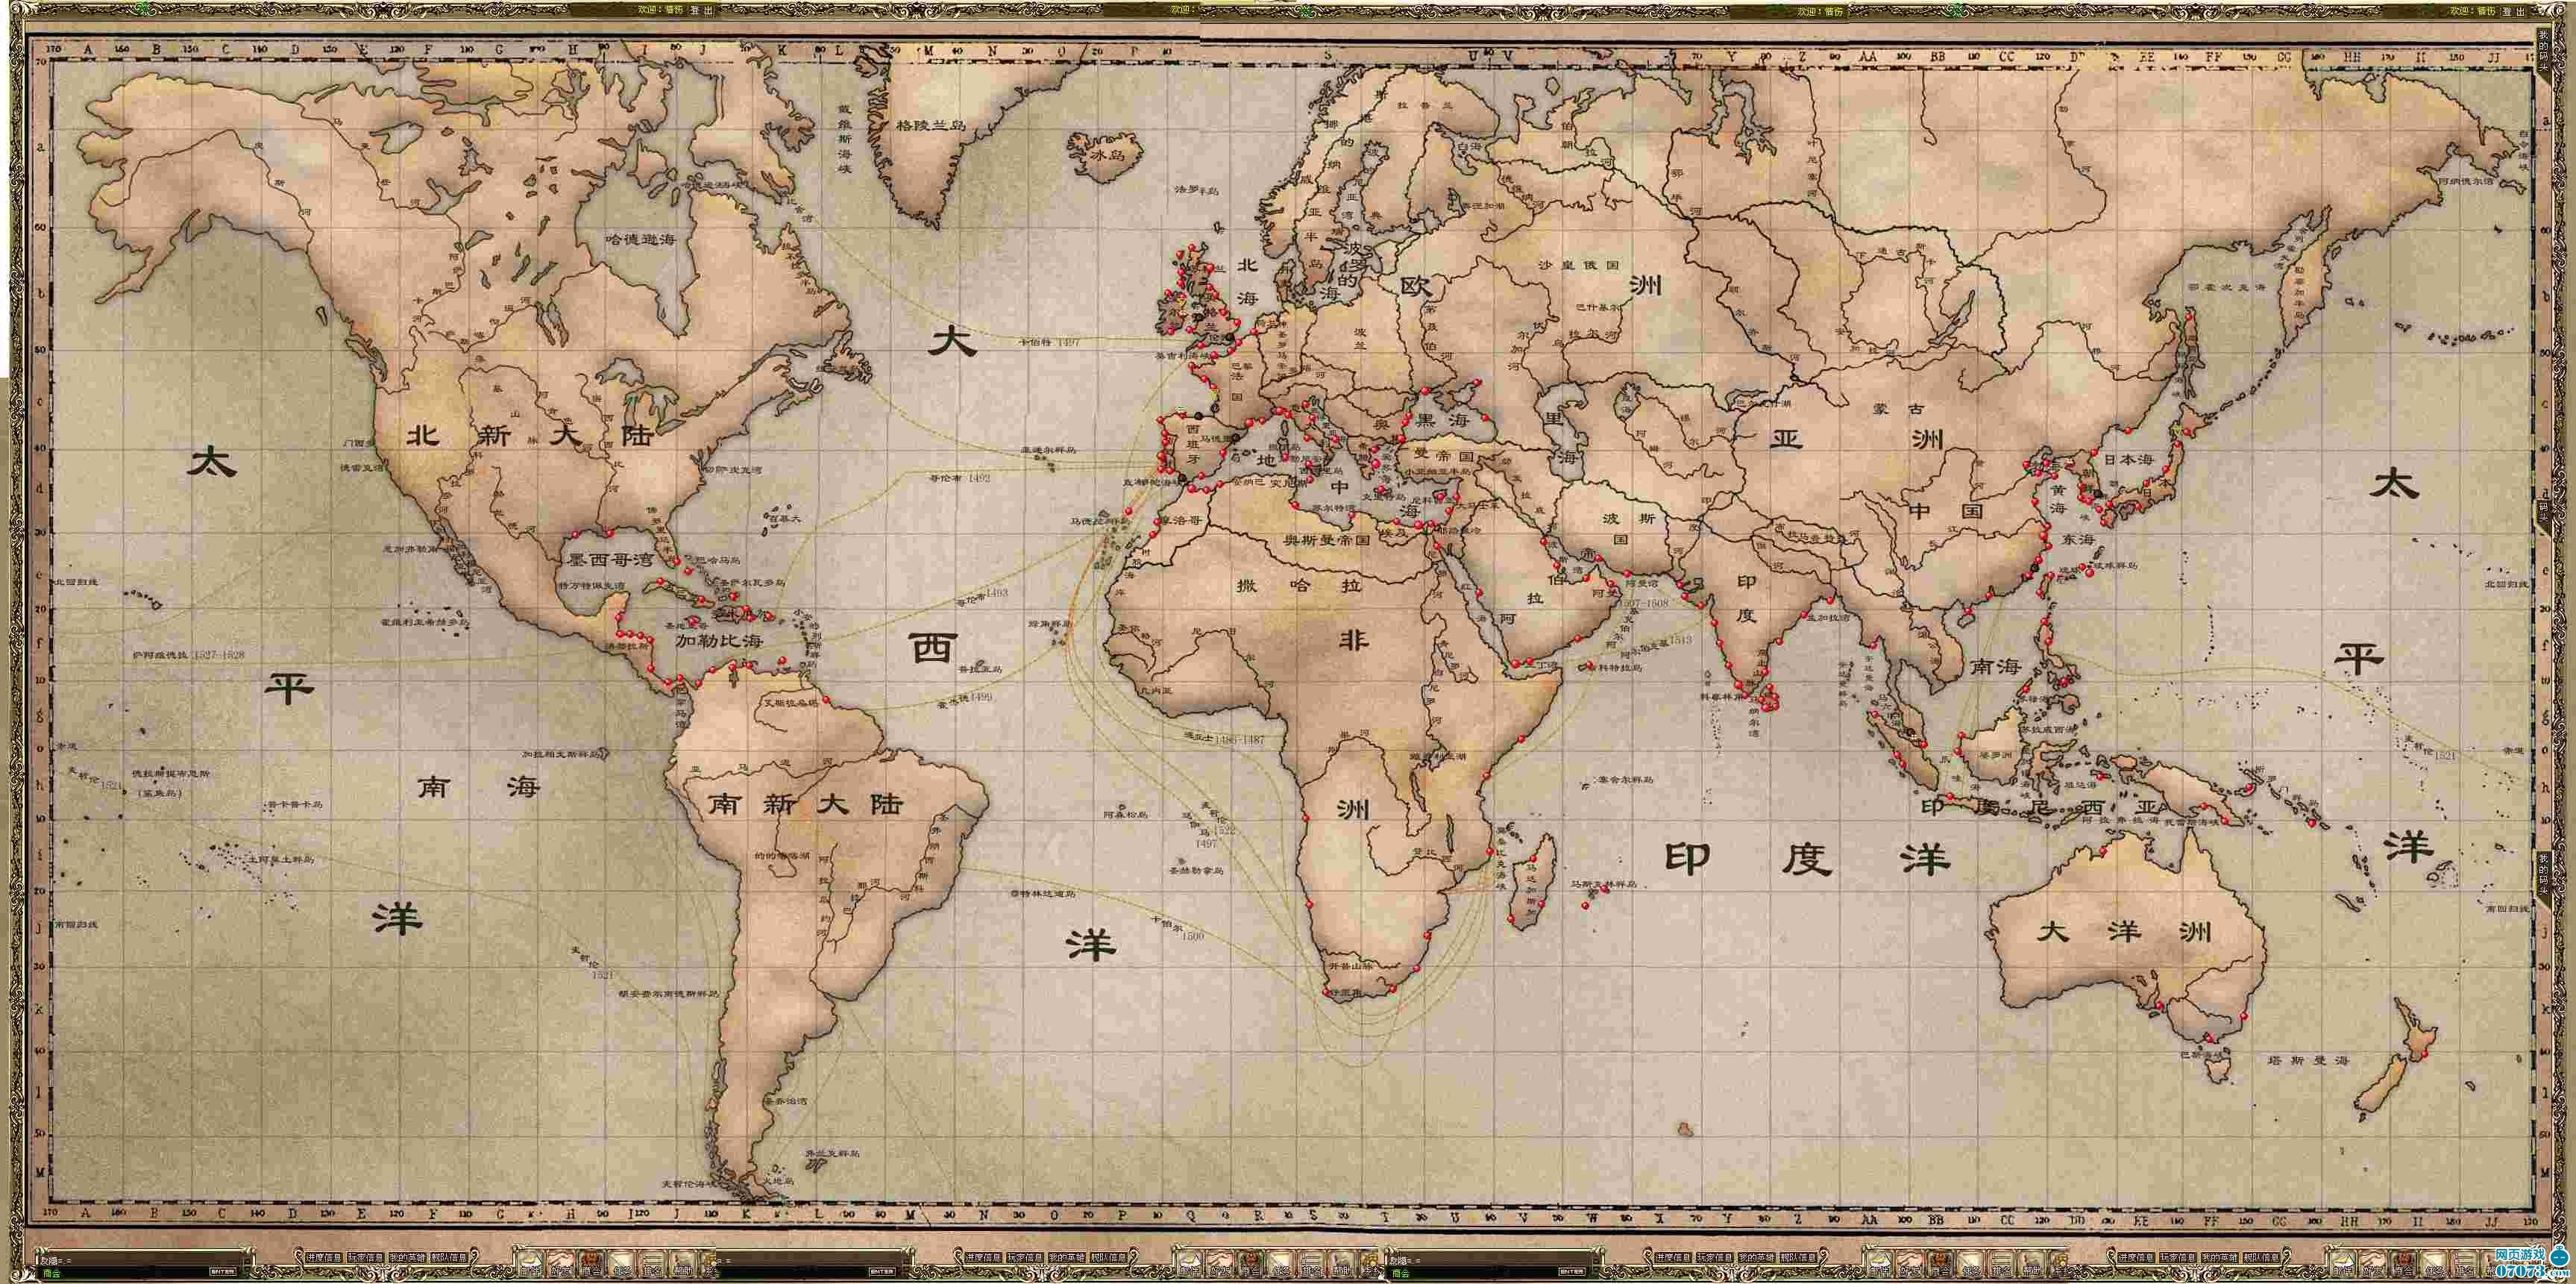 海洋时代世界地图全景